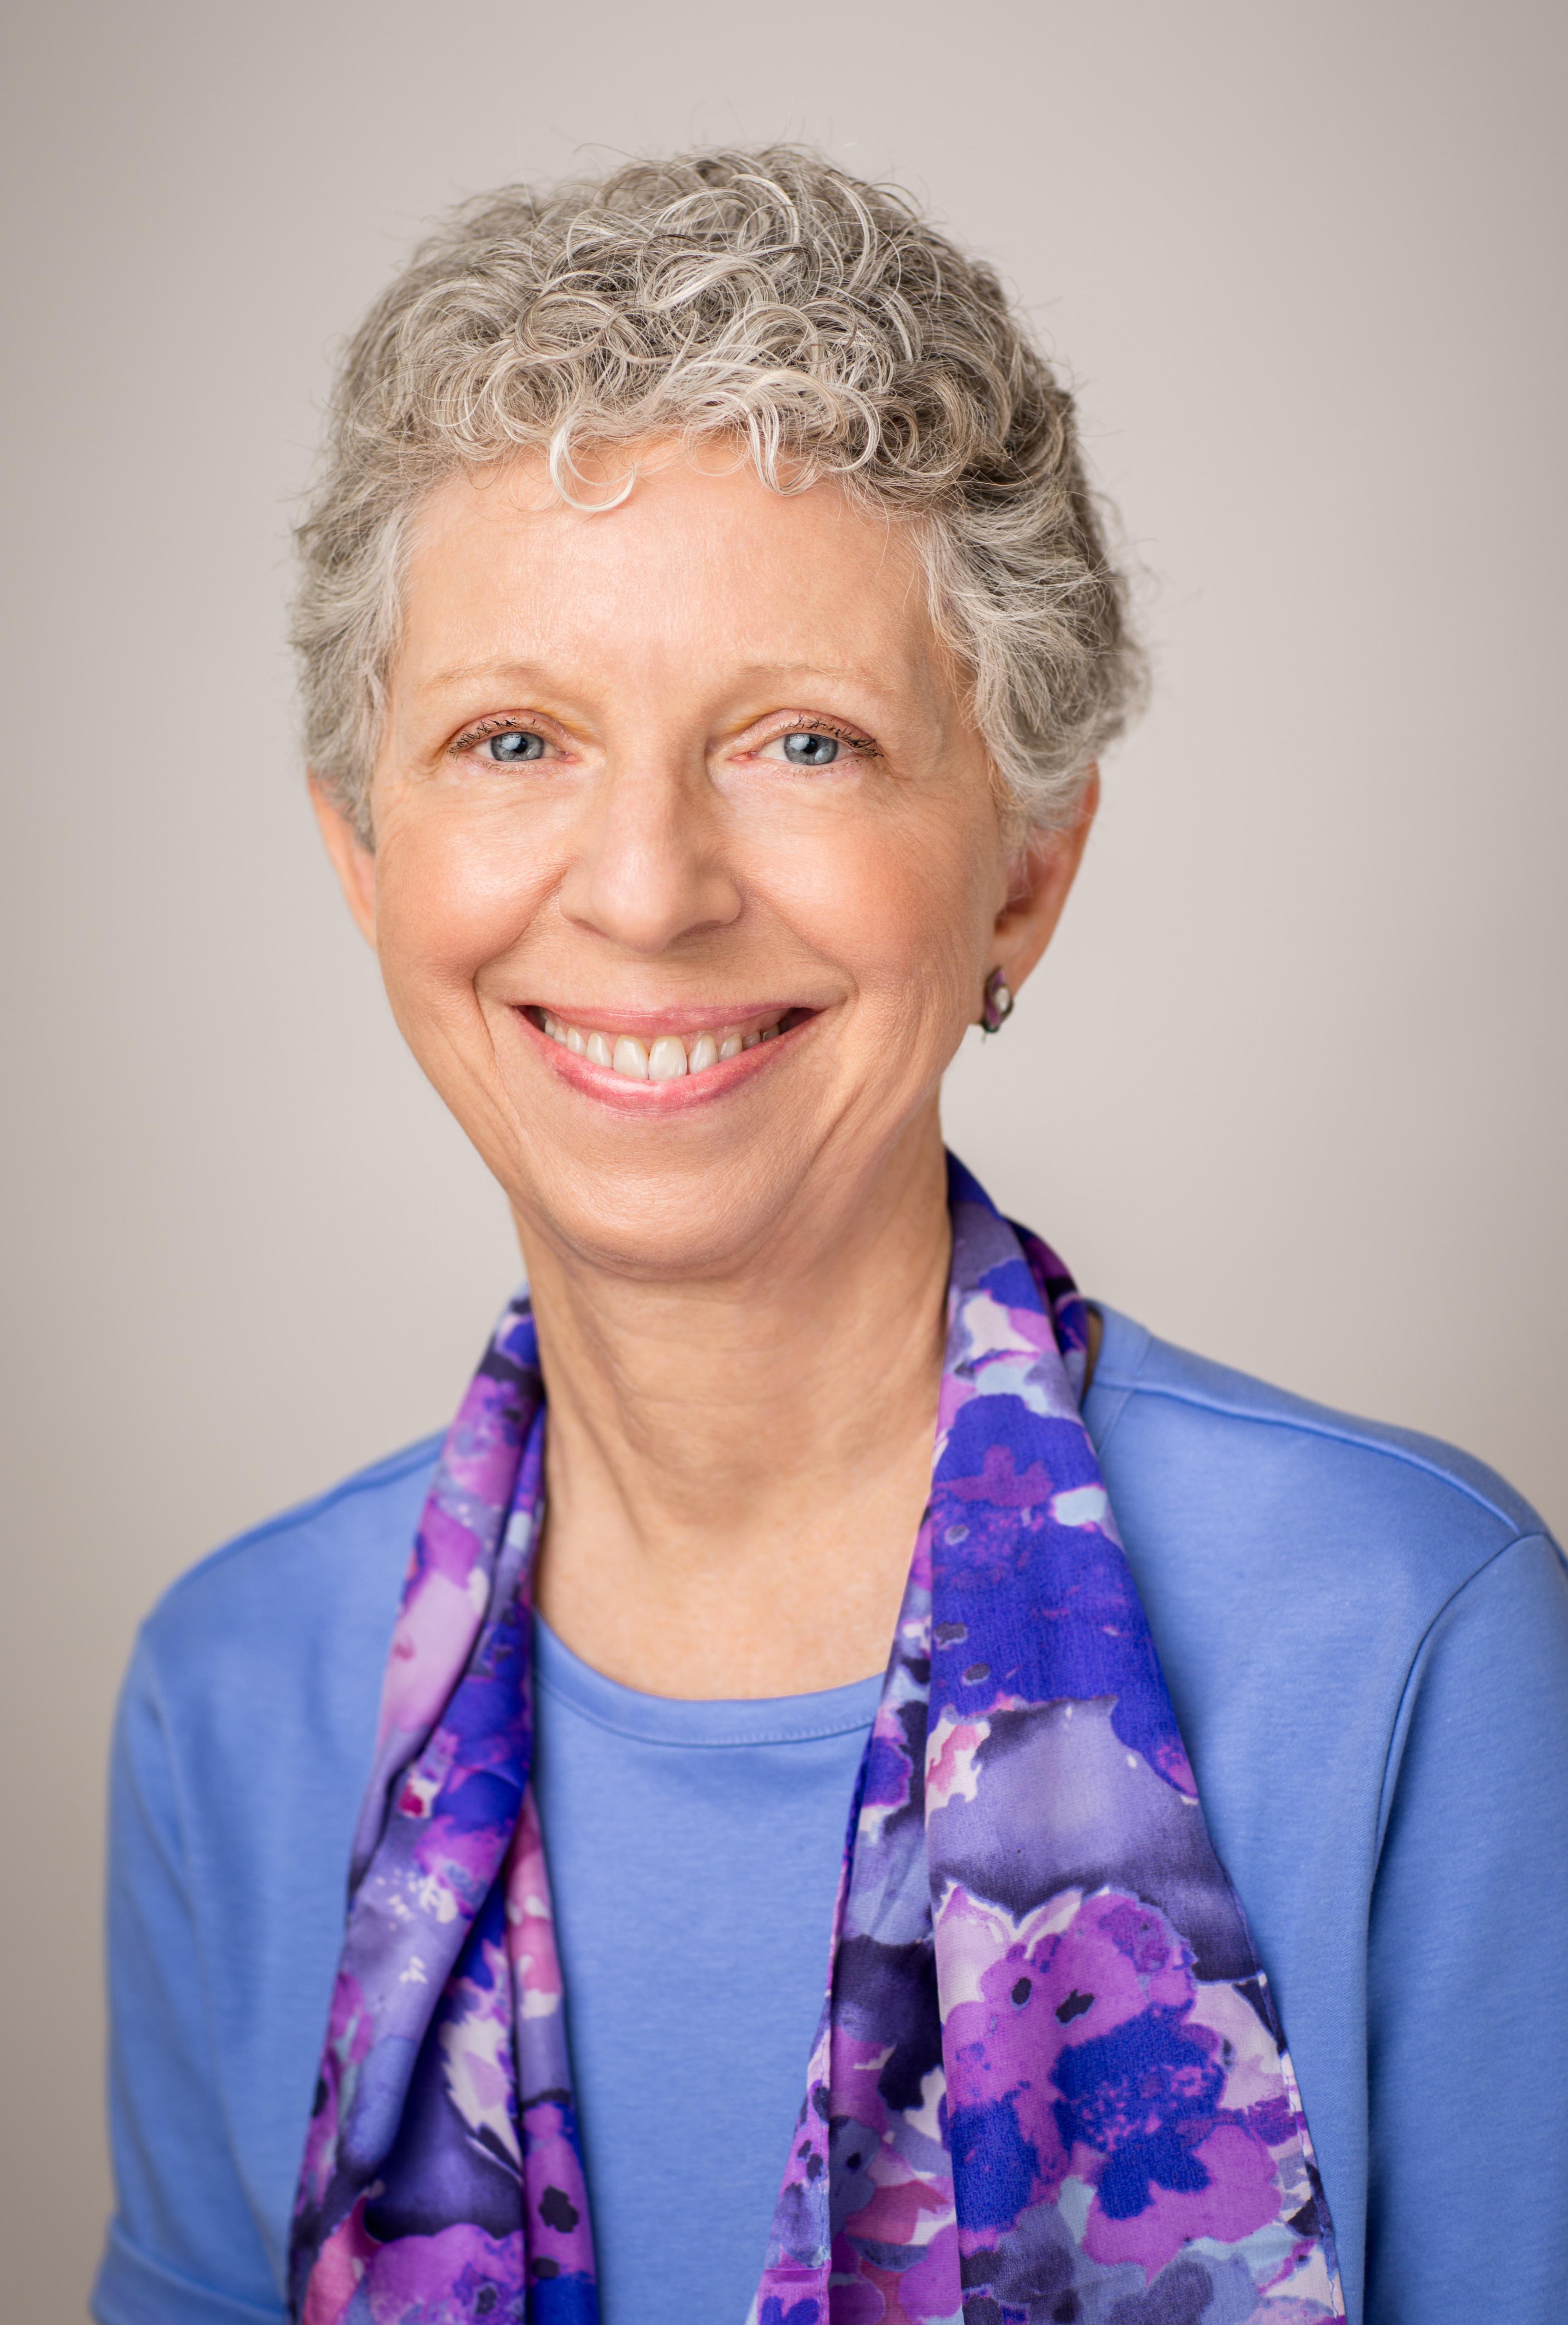 Jane Ranney Rzepka